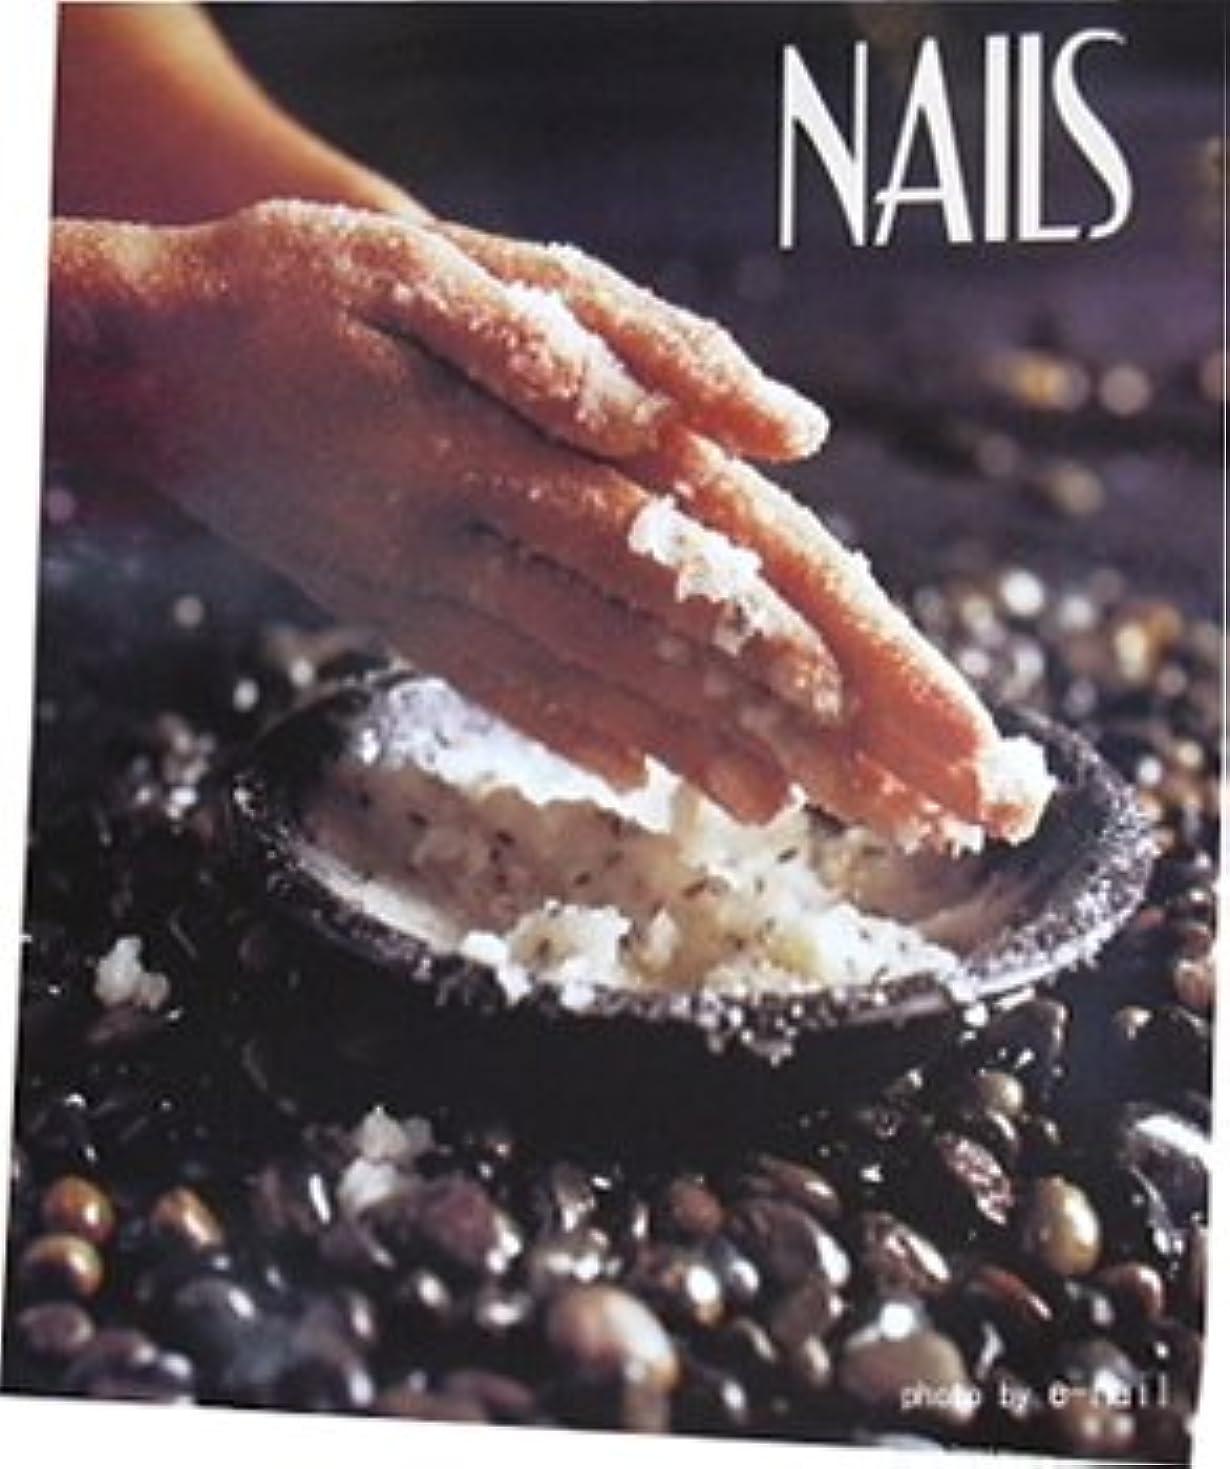 入力伝記穴NAILS ポスター 【Salt scrub, Anyone?】